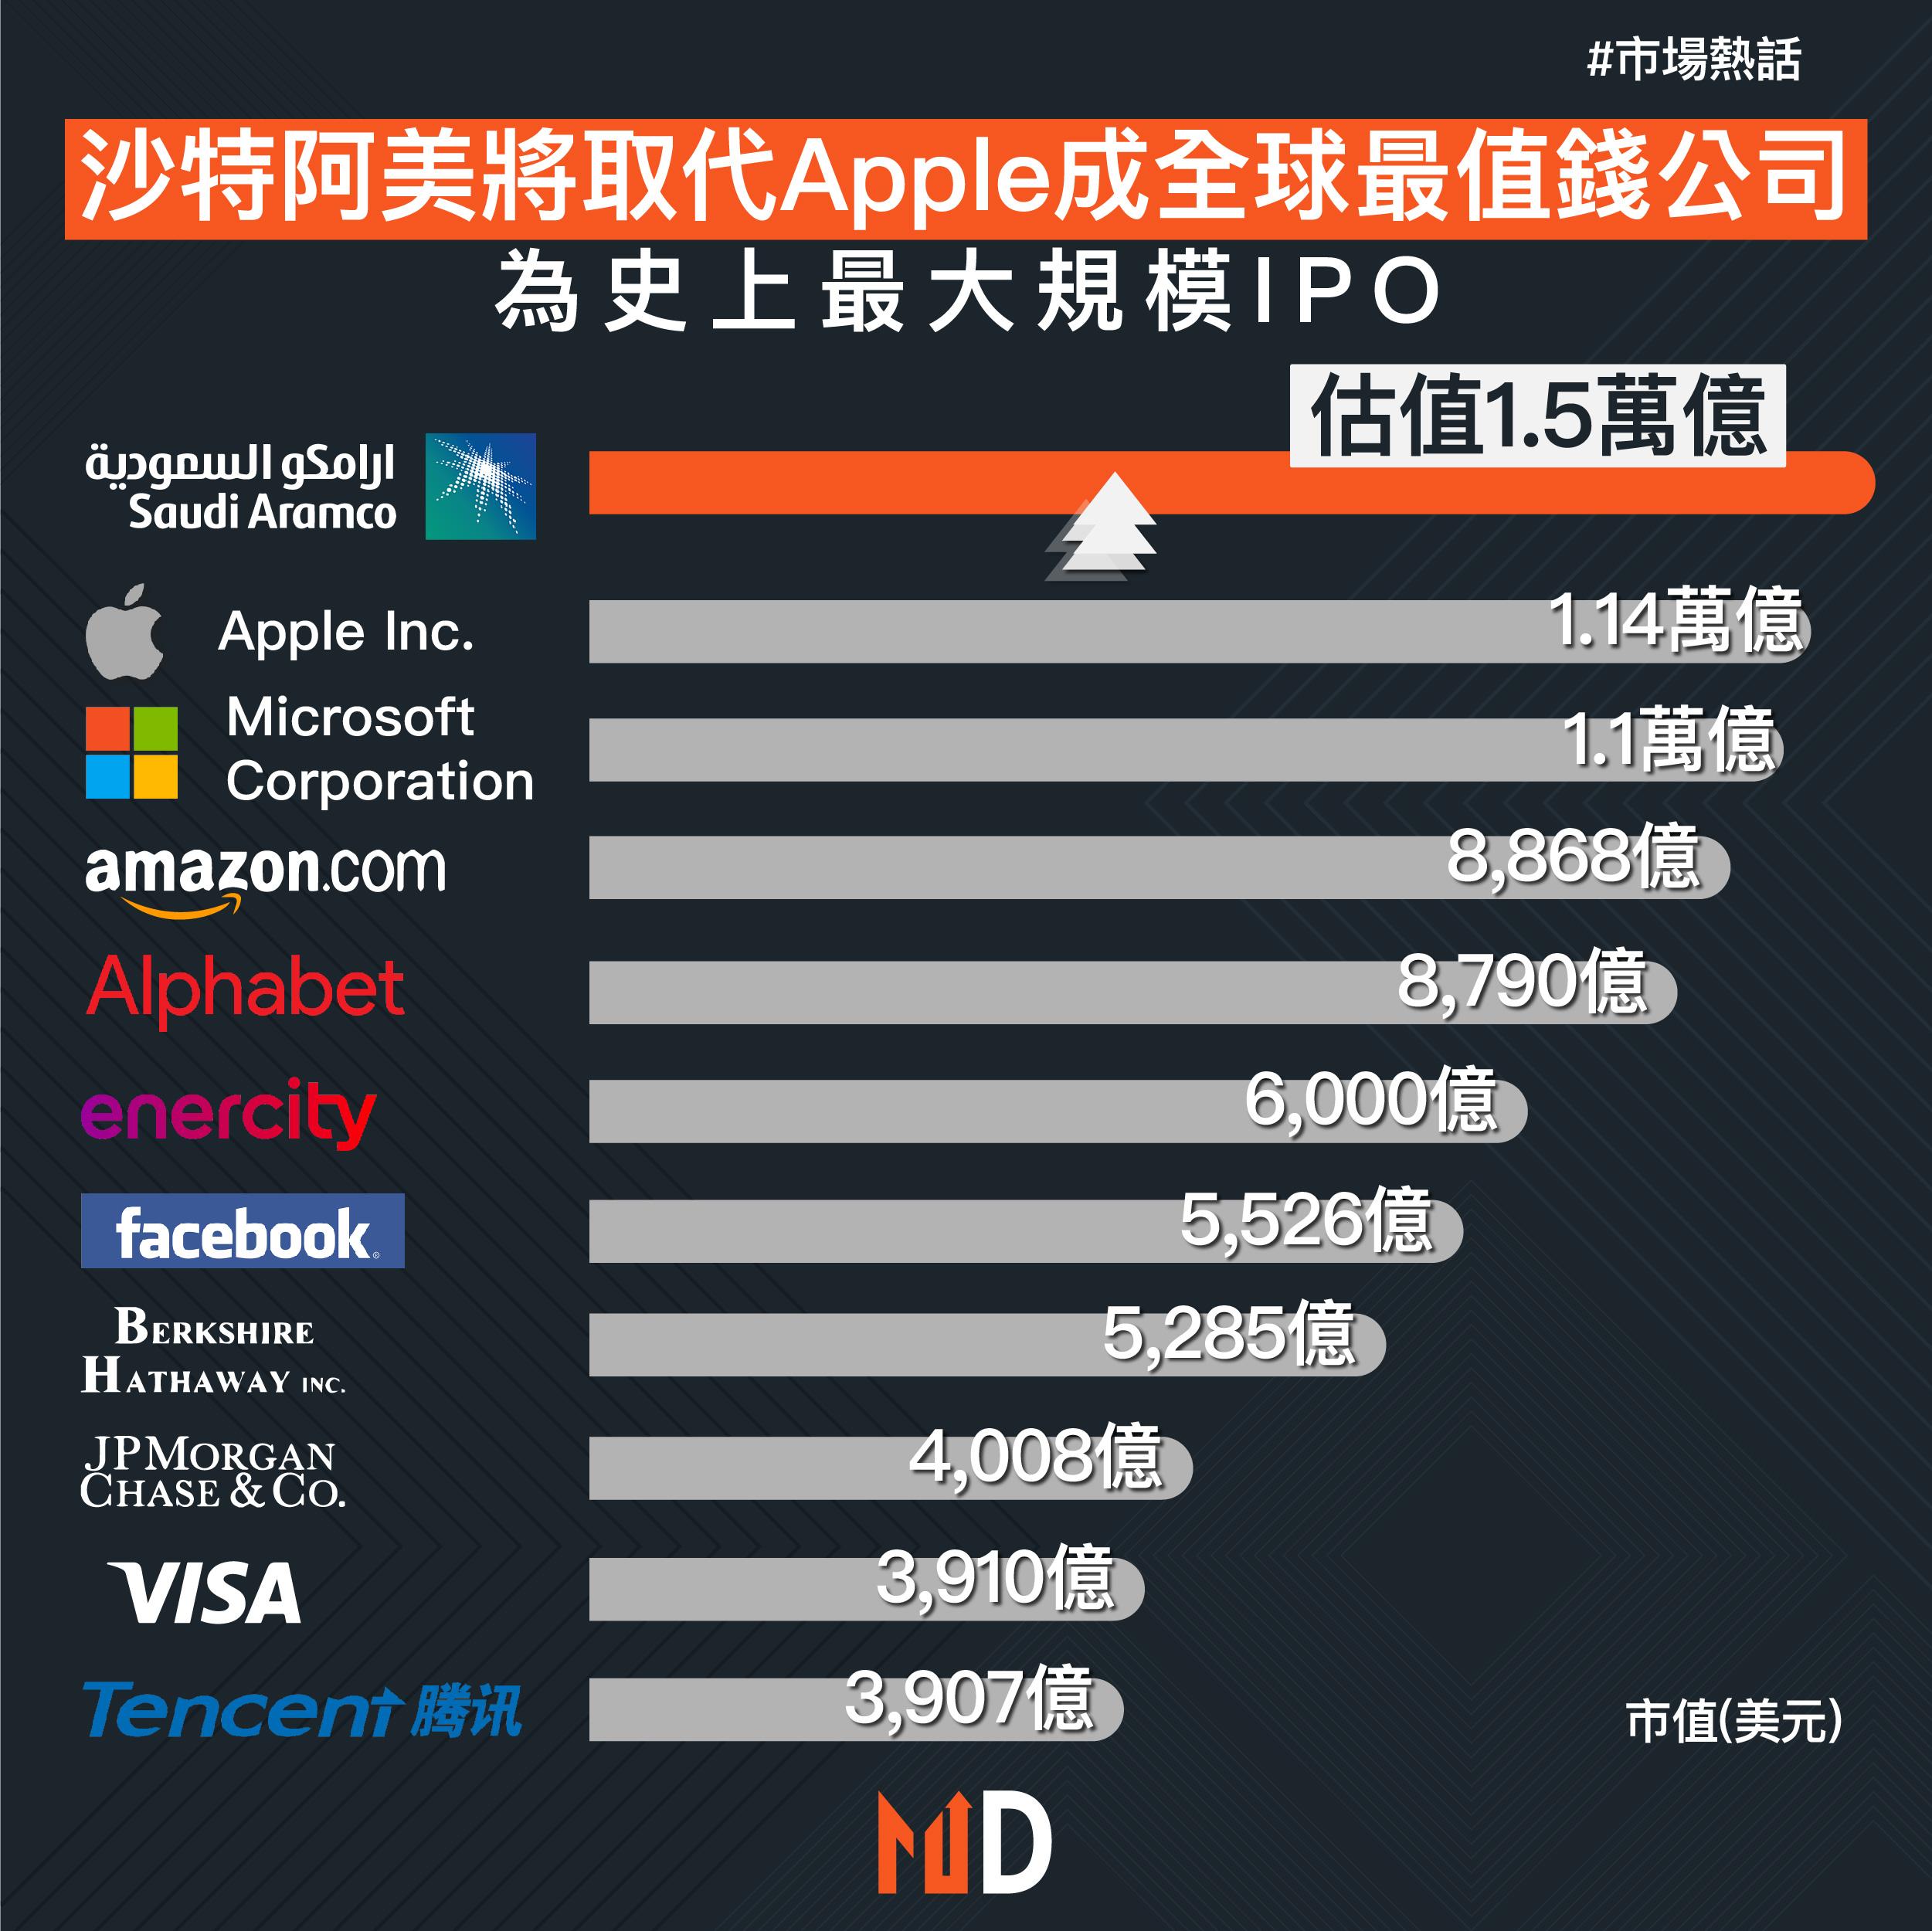 【市場熱話】沙特阿美將取代Apple成全球最值錢公司 為市上最大規模IPO